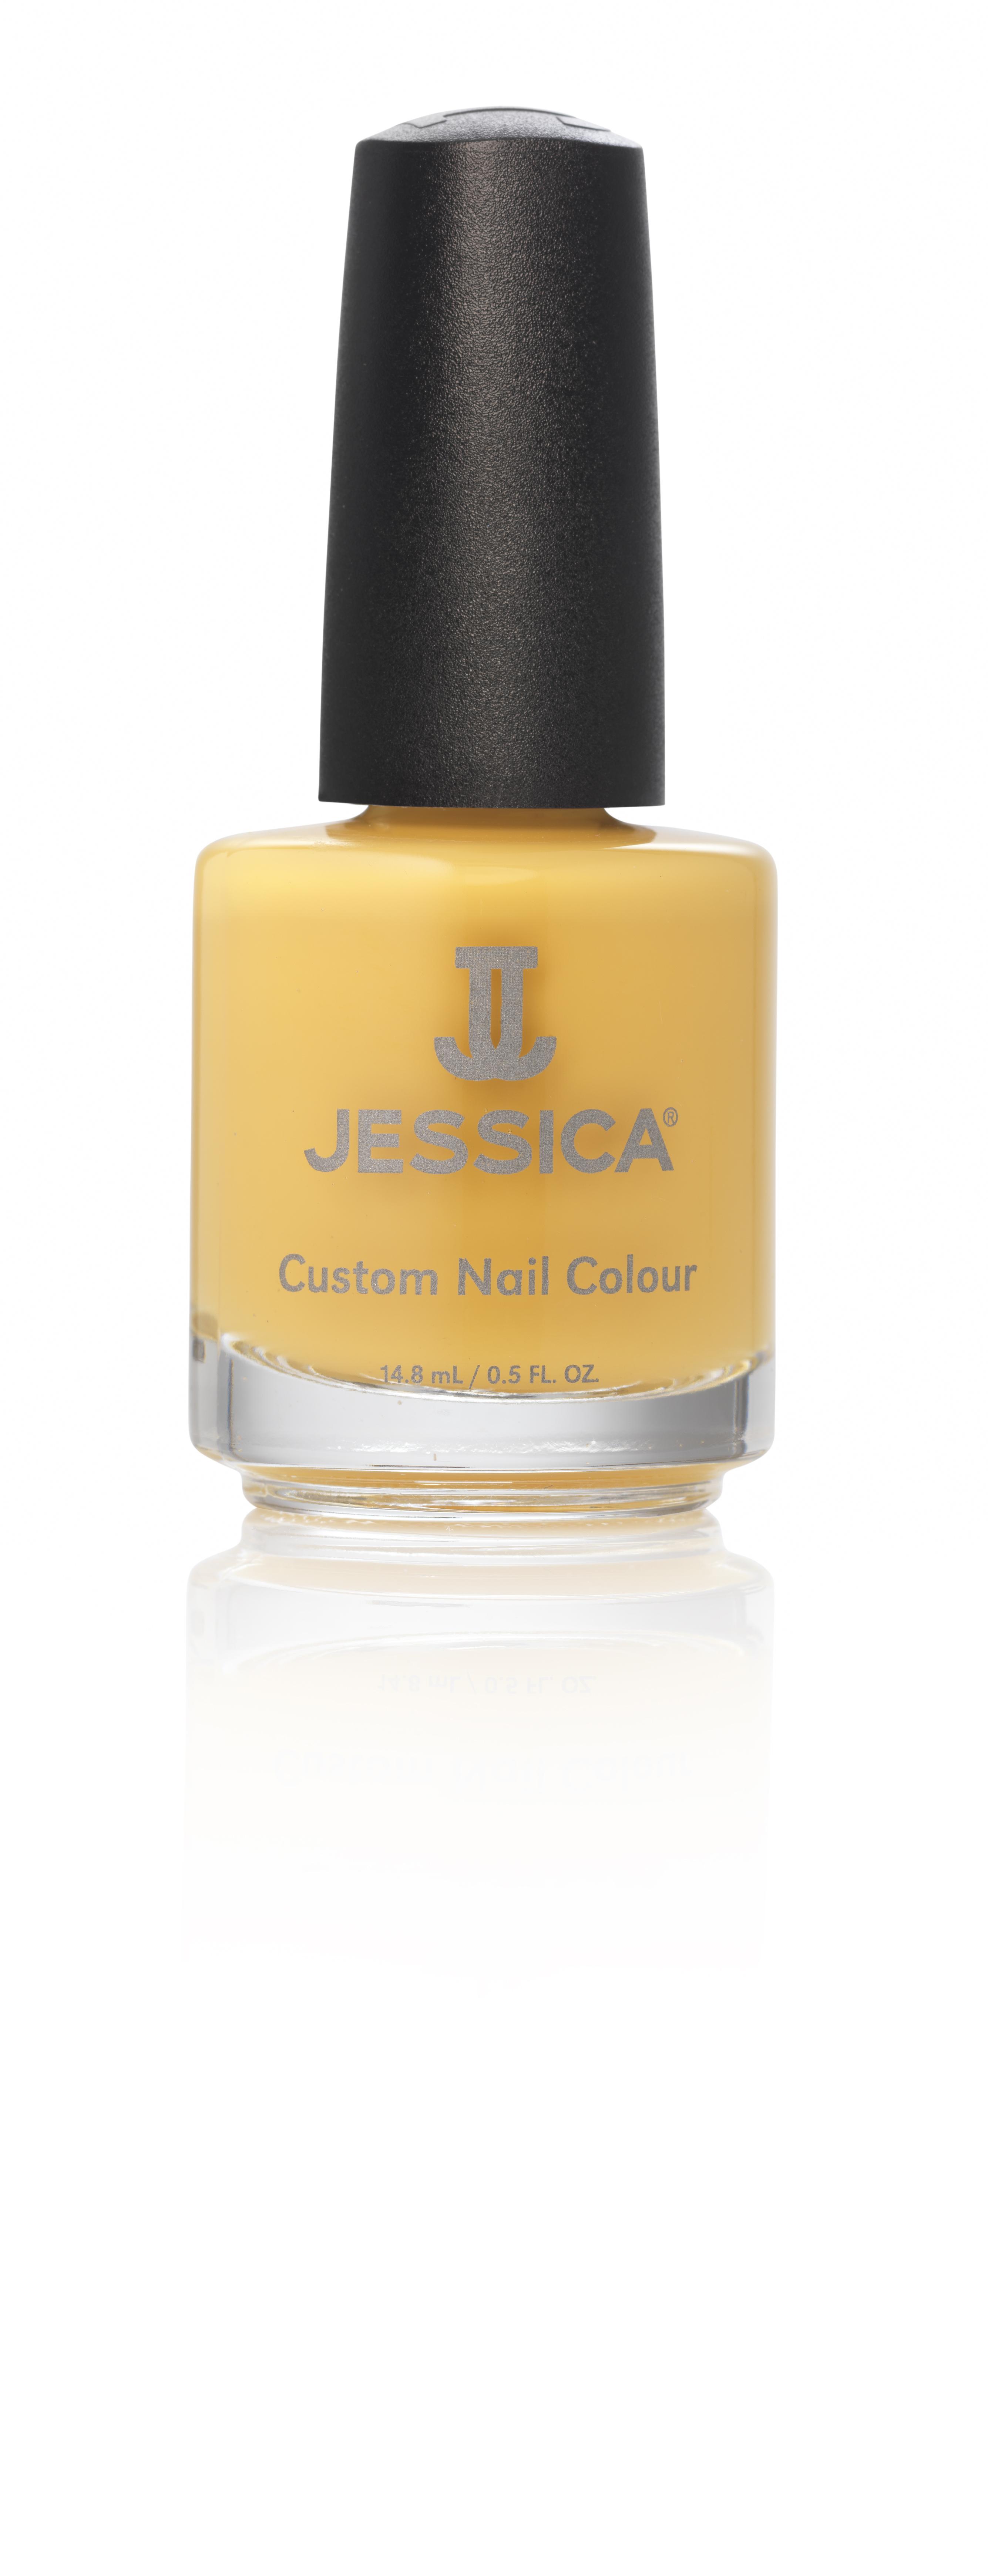 Jessica Лак для ногтей 944 Totally Turmeric 14,8 мл1301207Лаки JESSICA содержат витамины A, Д и Е, обеспечивают дополнительную защиту ногтей и усиливают терапевтическое воздействие базовых средств и средств-корректоров.